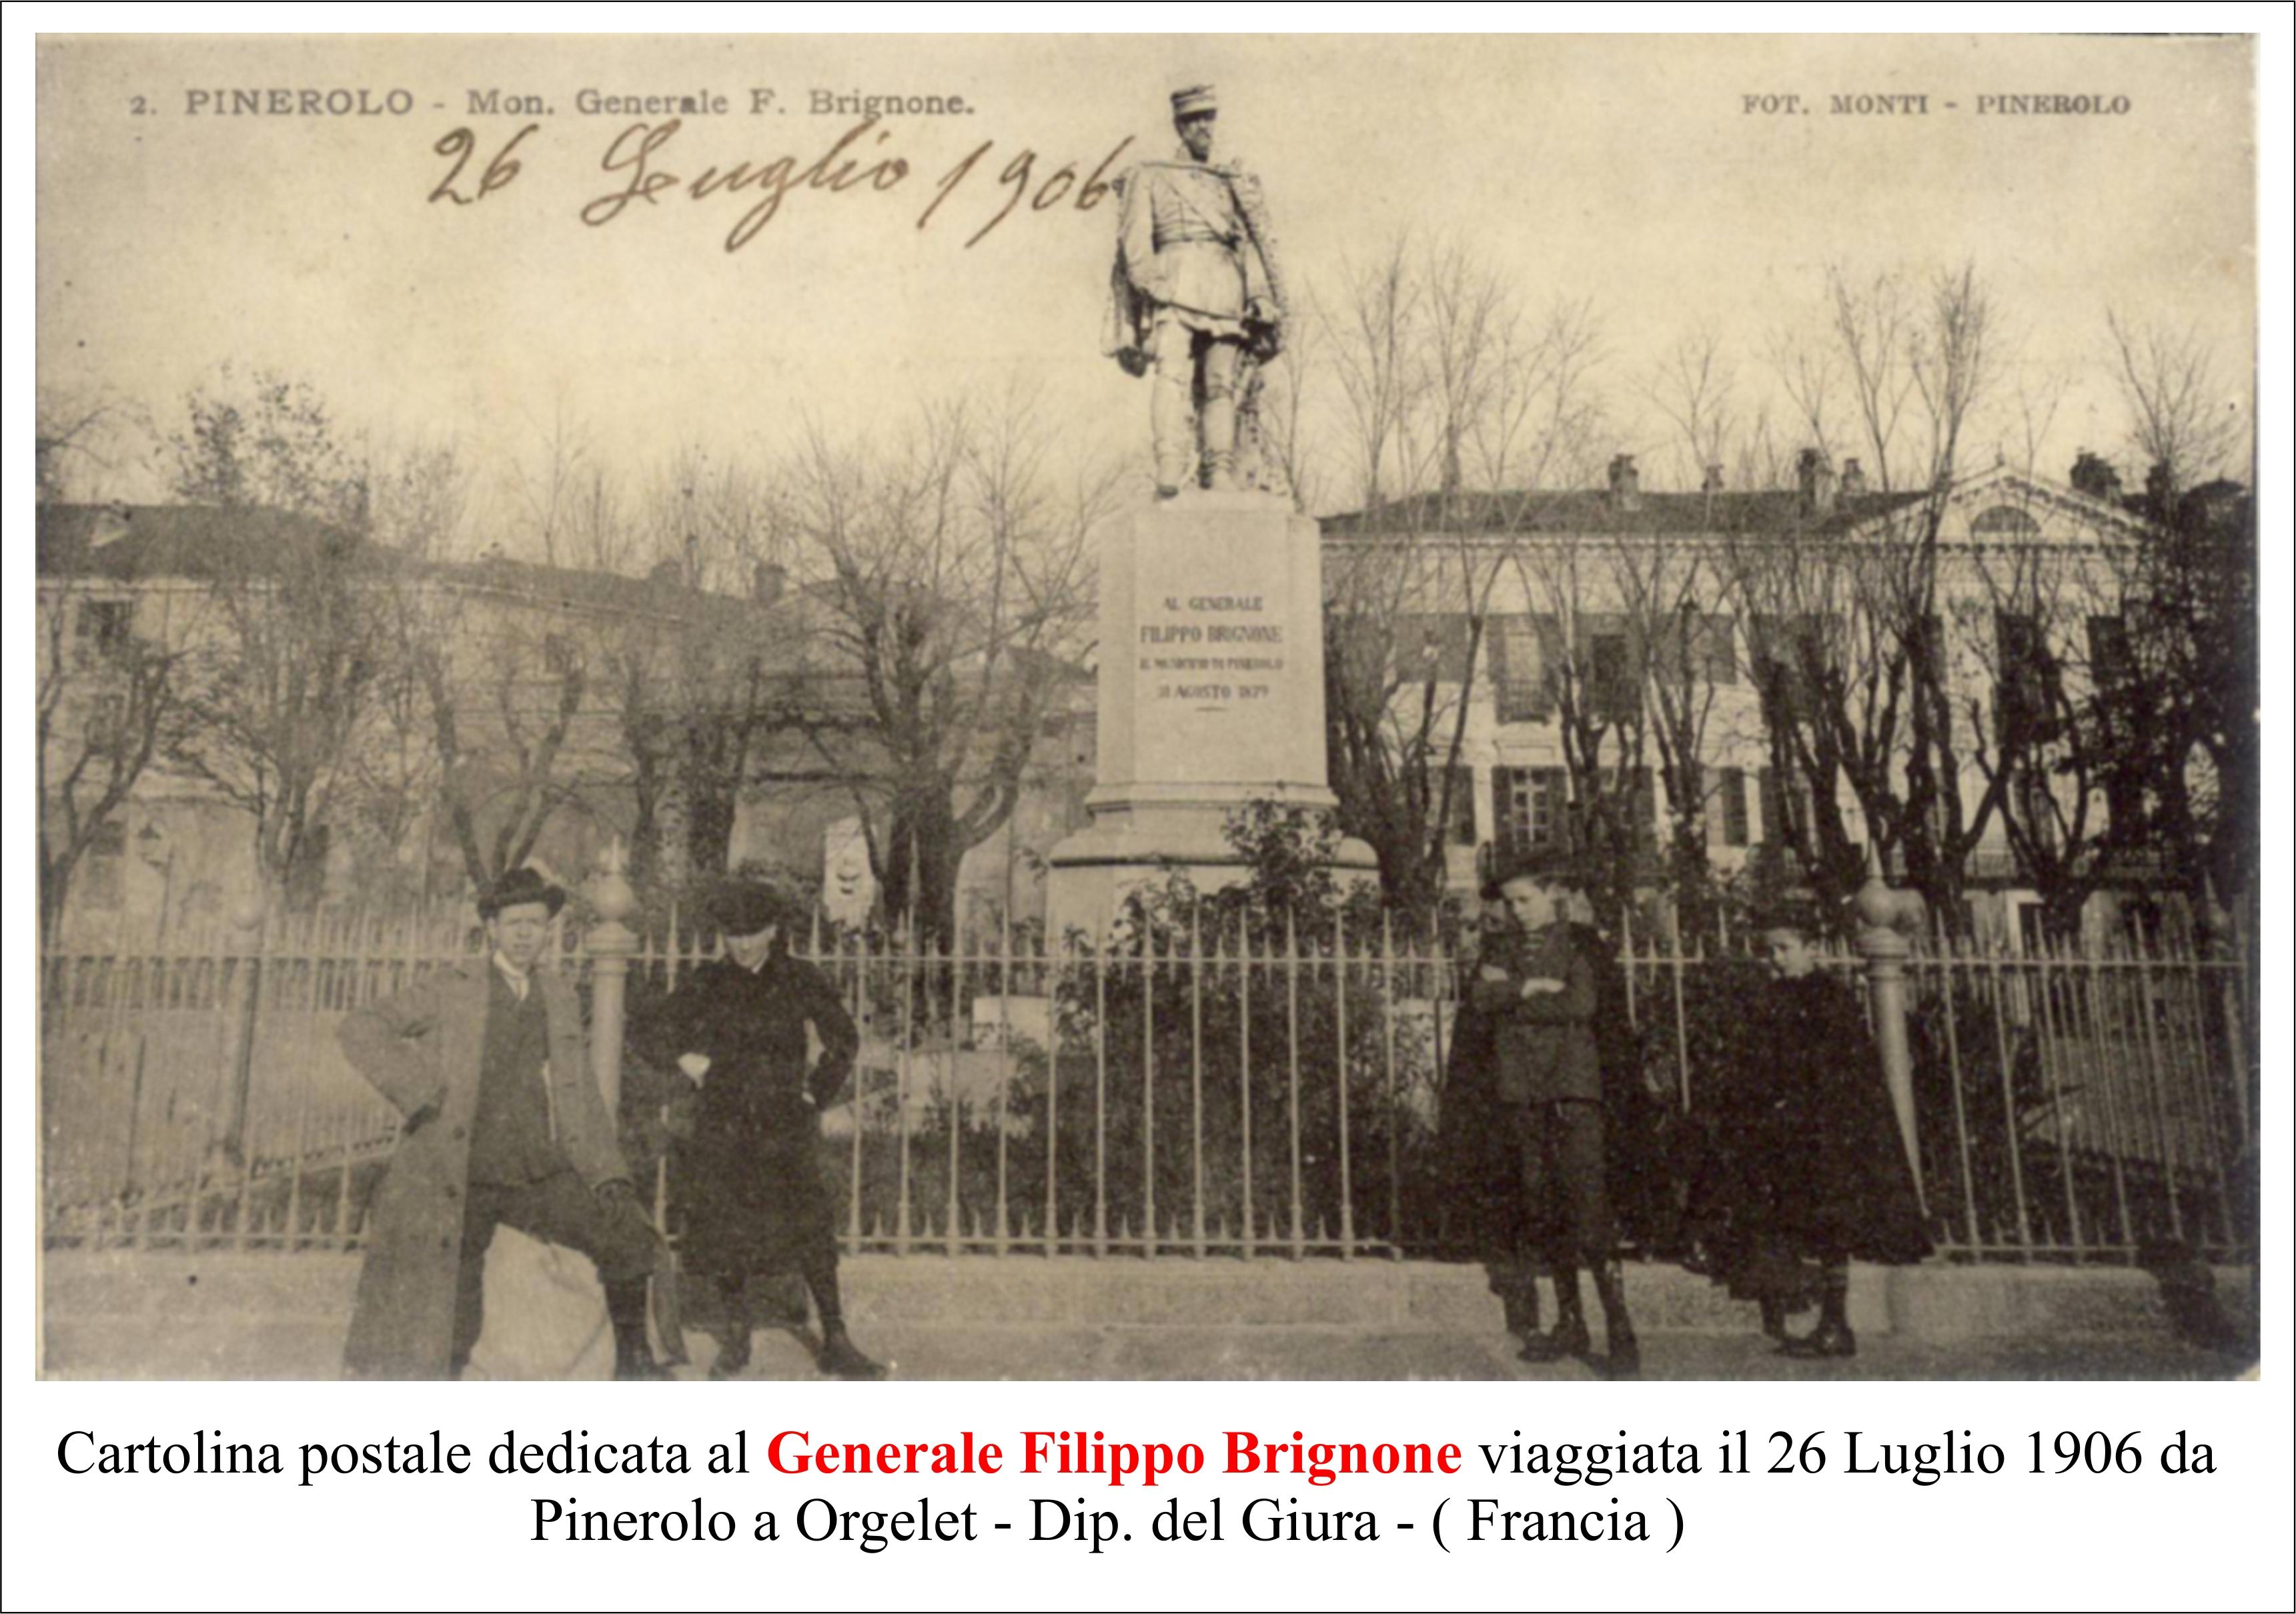 Filippo Brignone